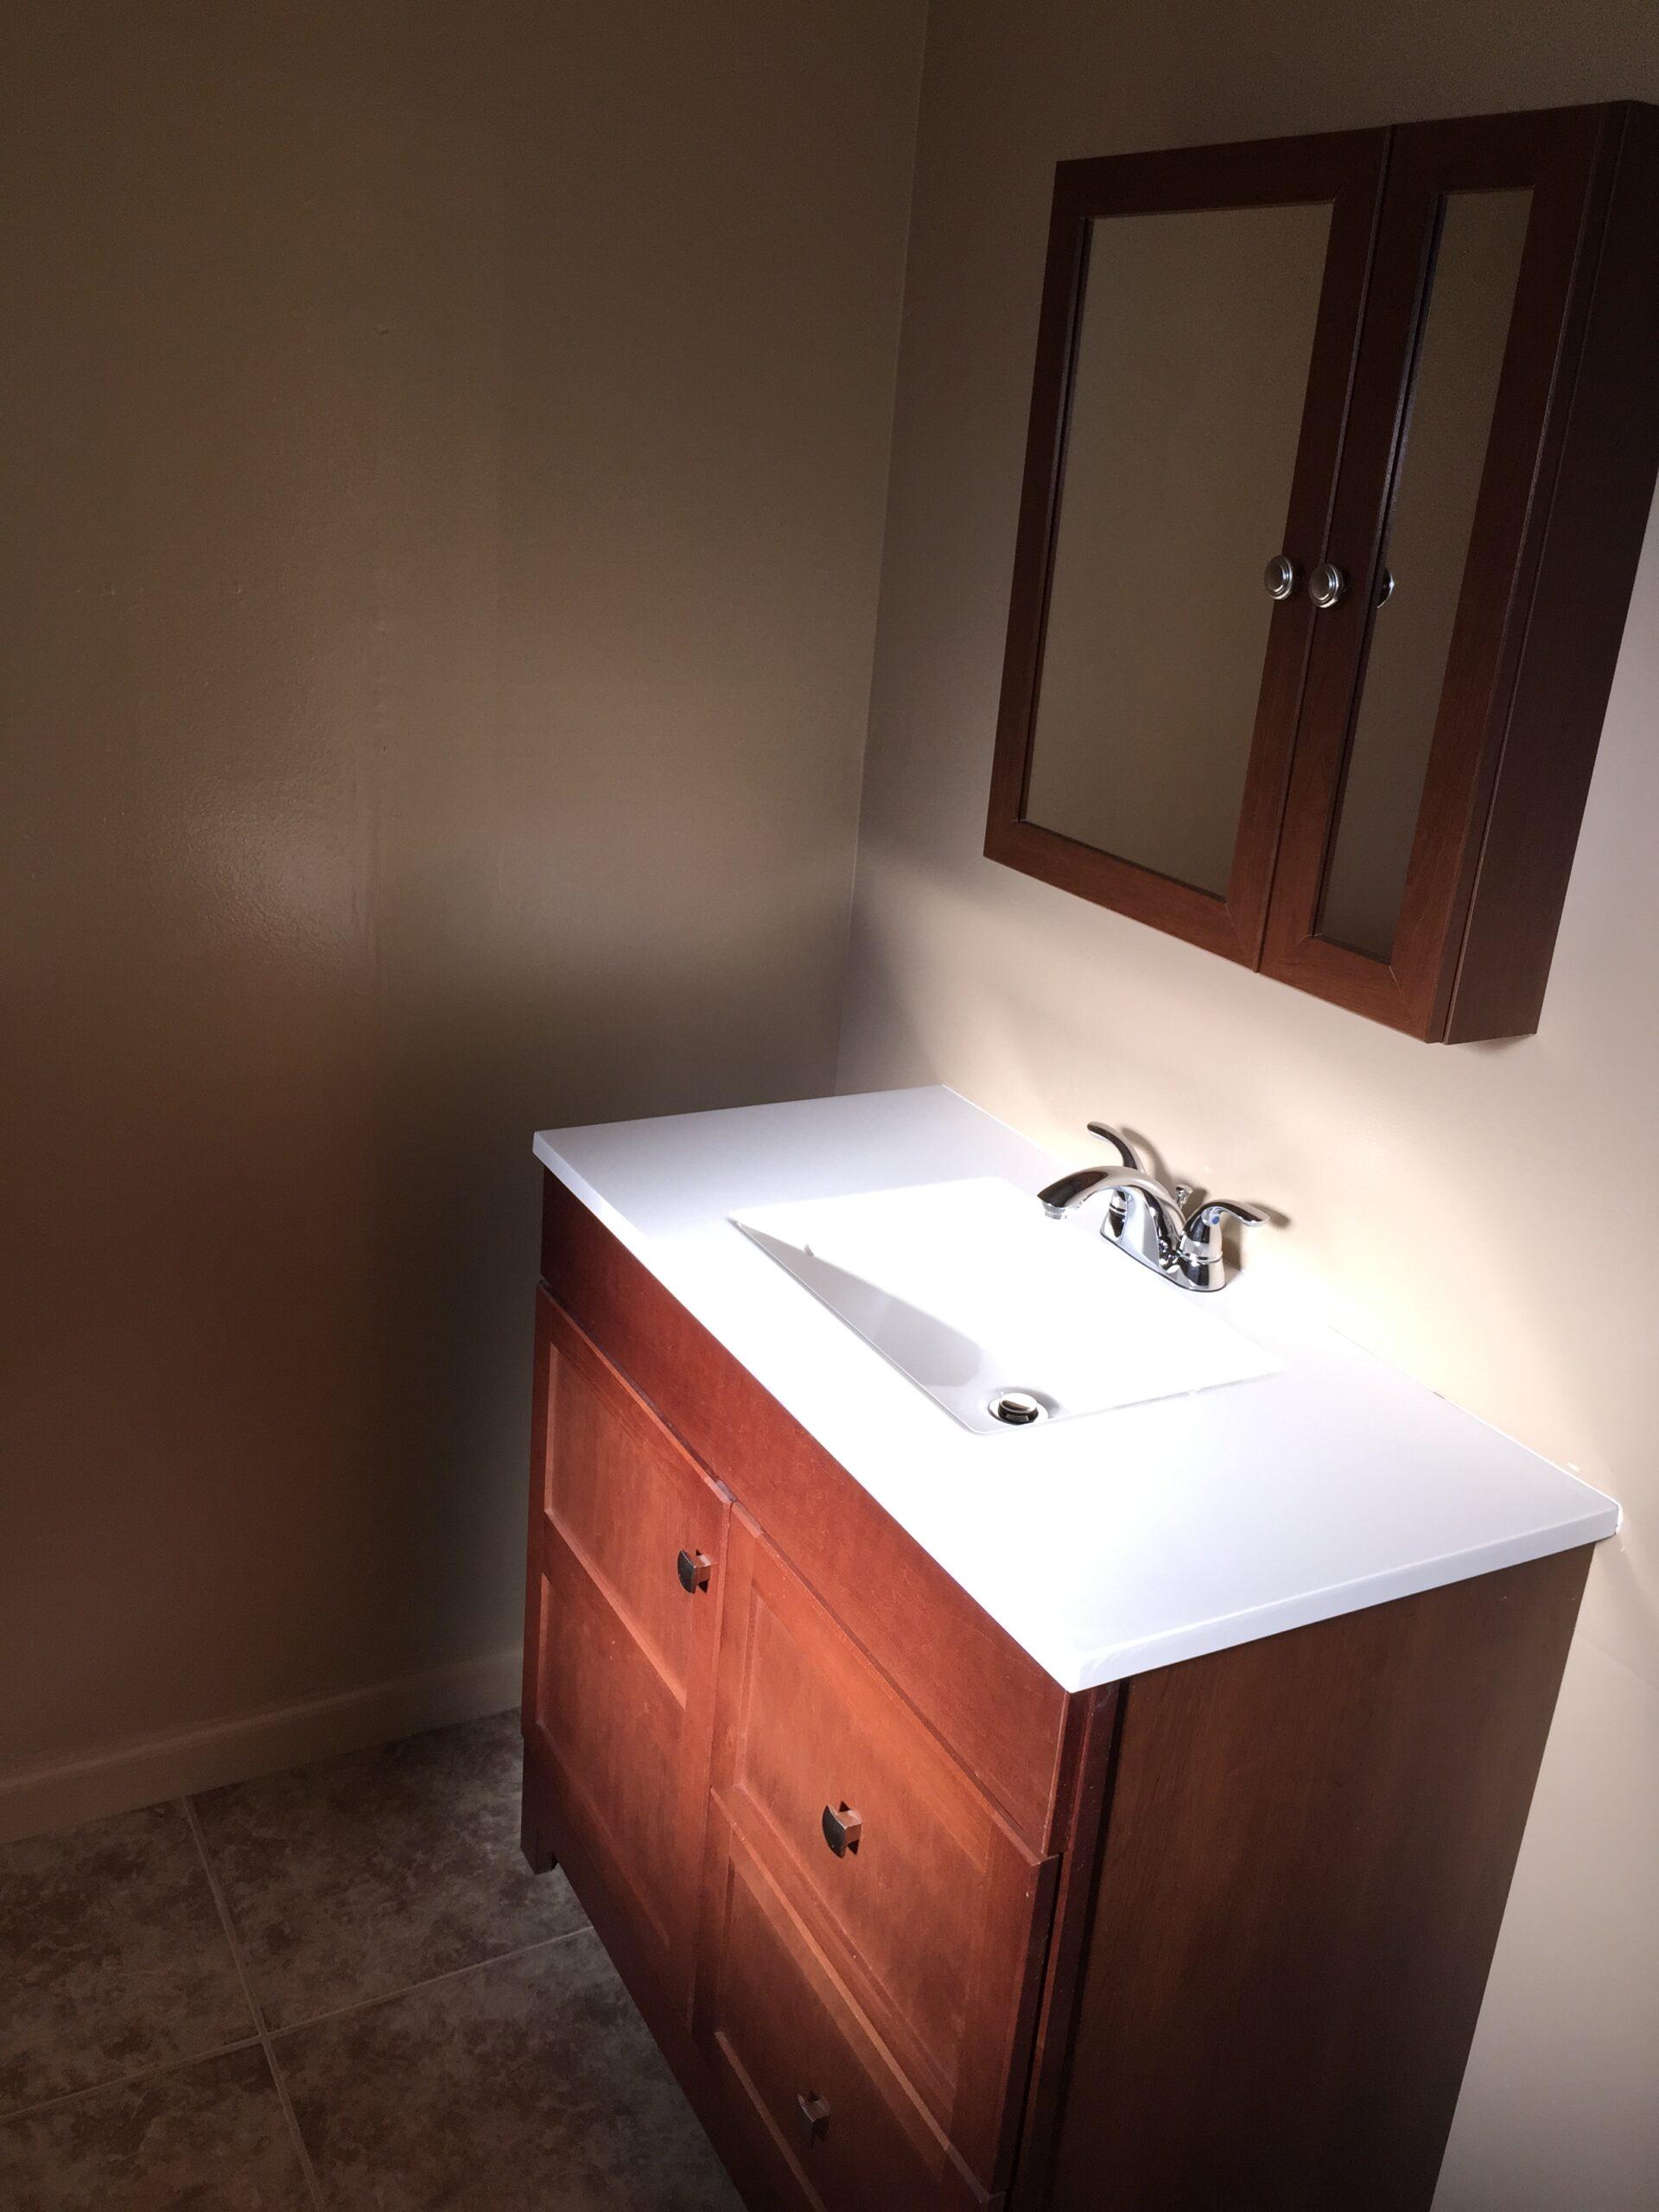 837nNorthrup Unit A bathroom sink